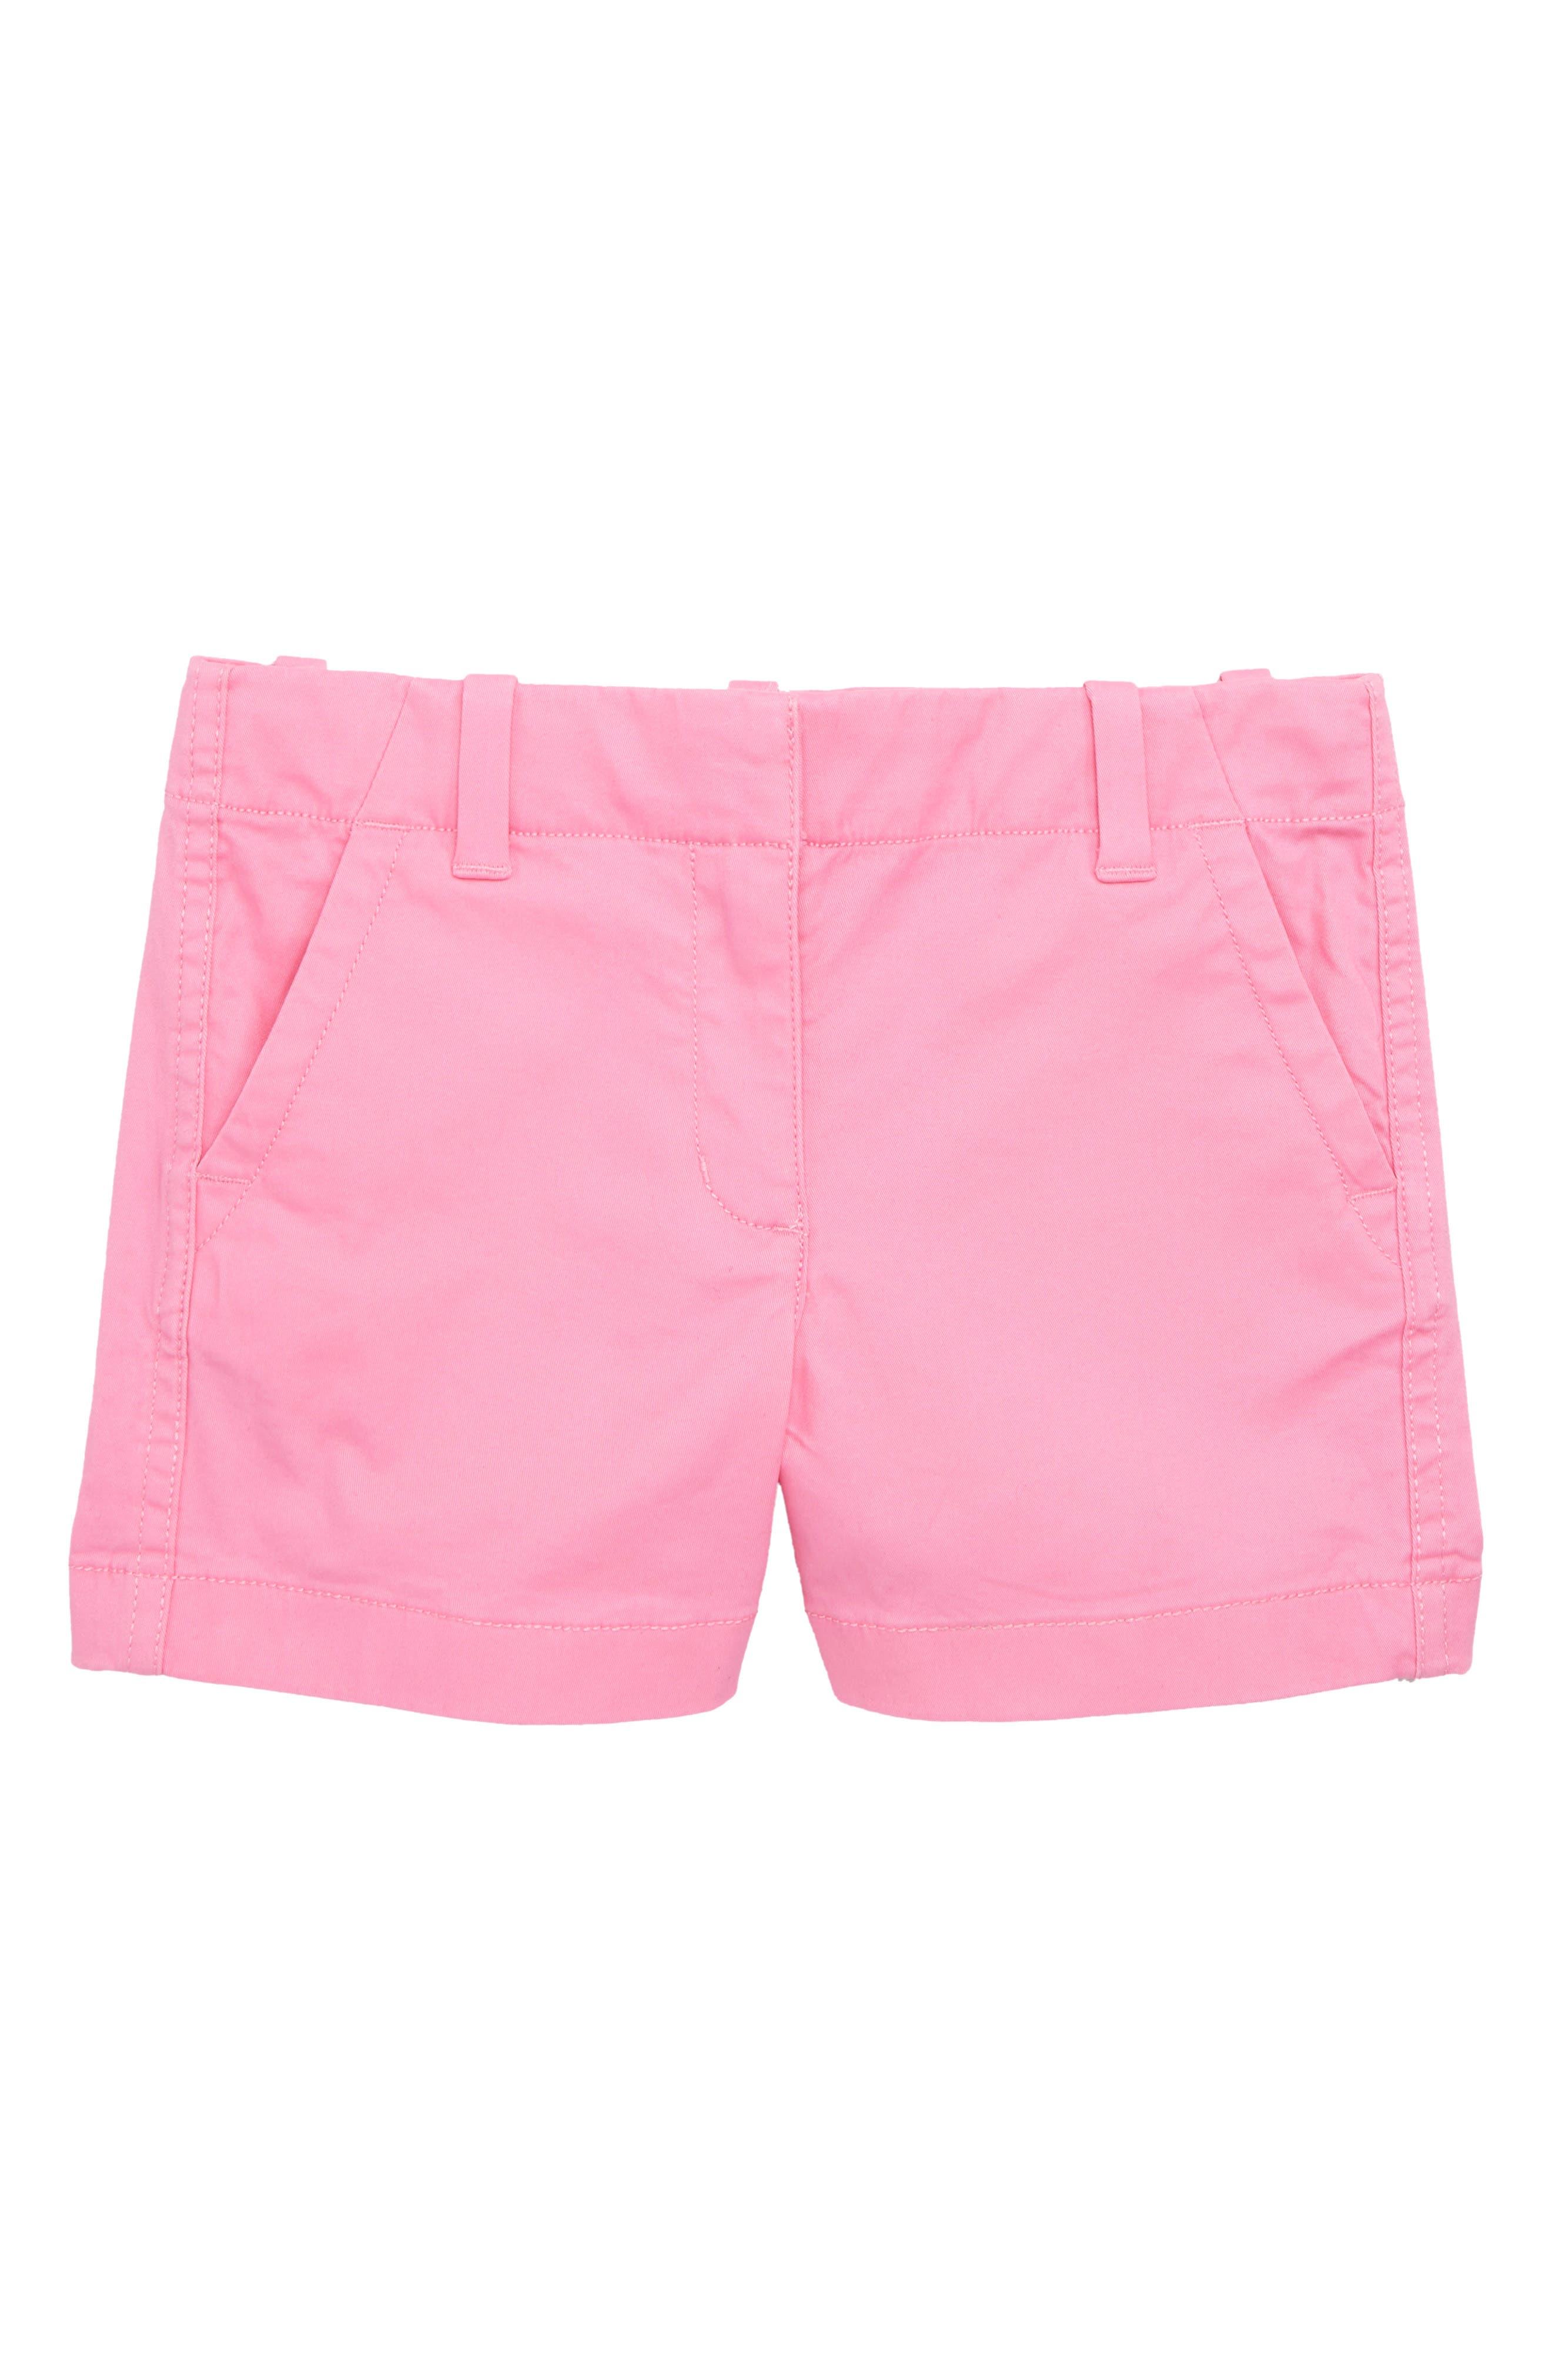 Everyday Shorts,                             Main thumbnail 1, color,                             650